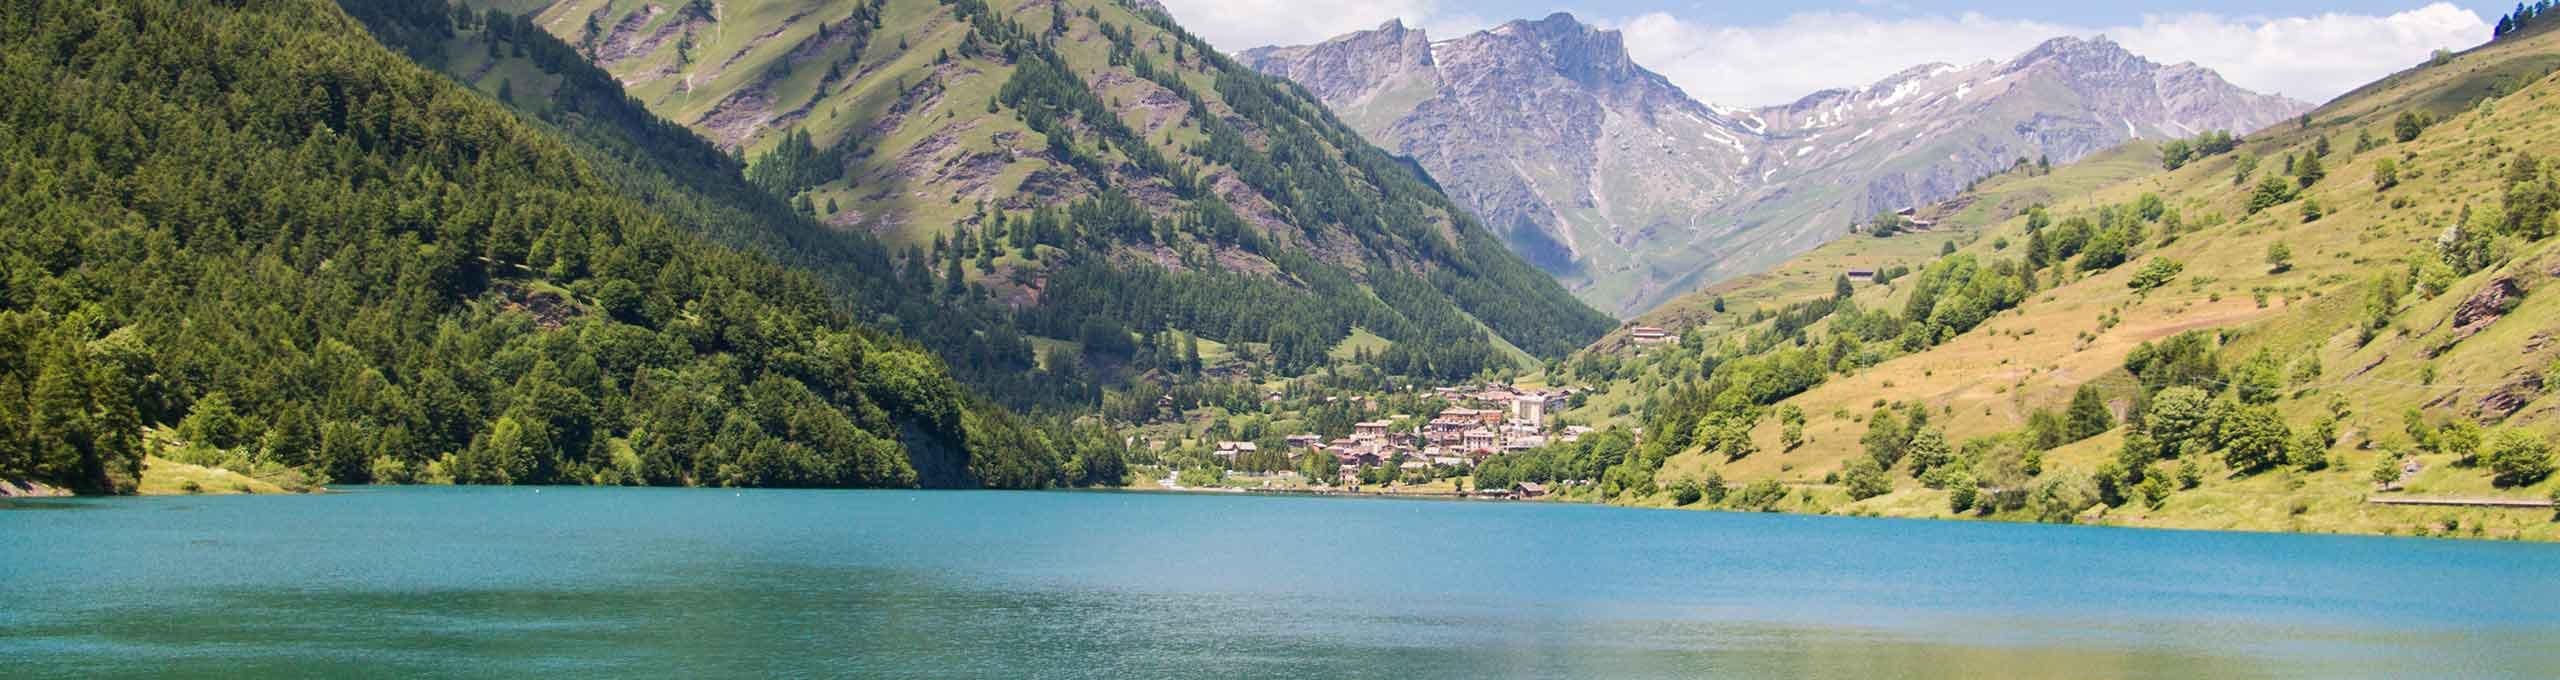 Lago di Pontechianale, valli del Monviso